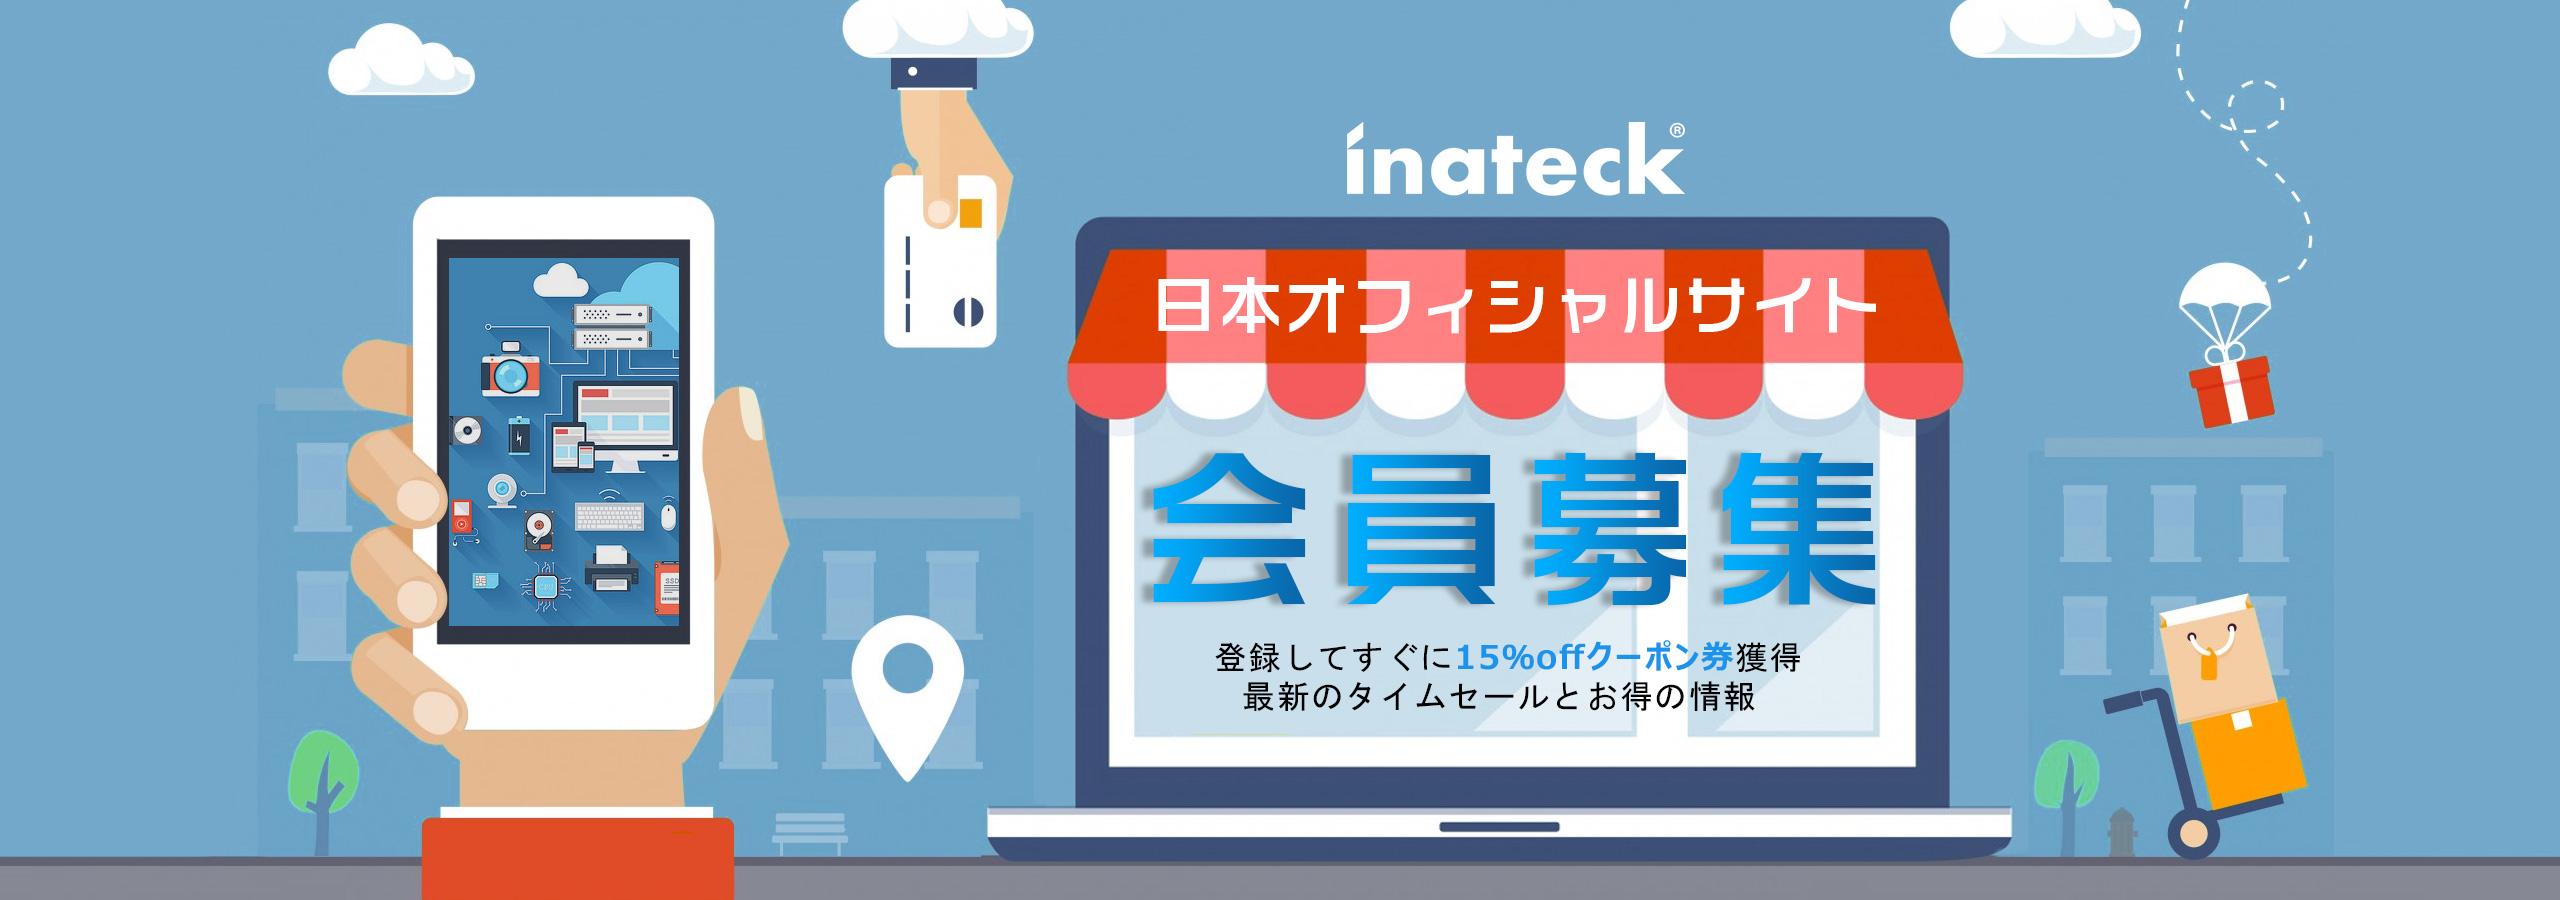 日本オフィシャルサイト会員募集